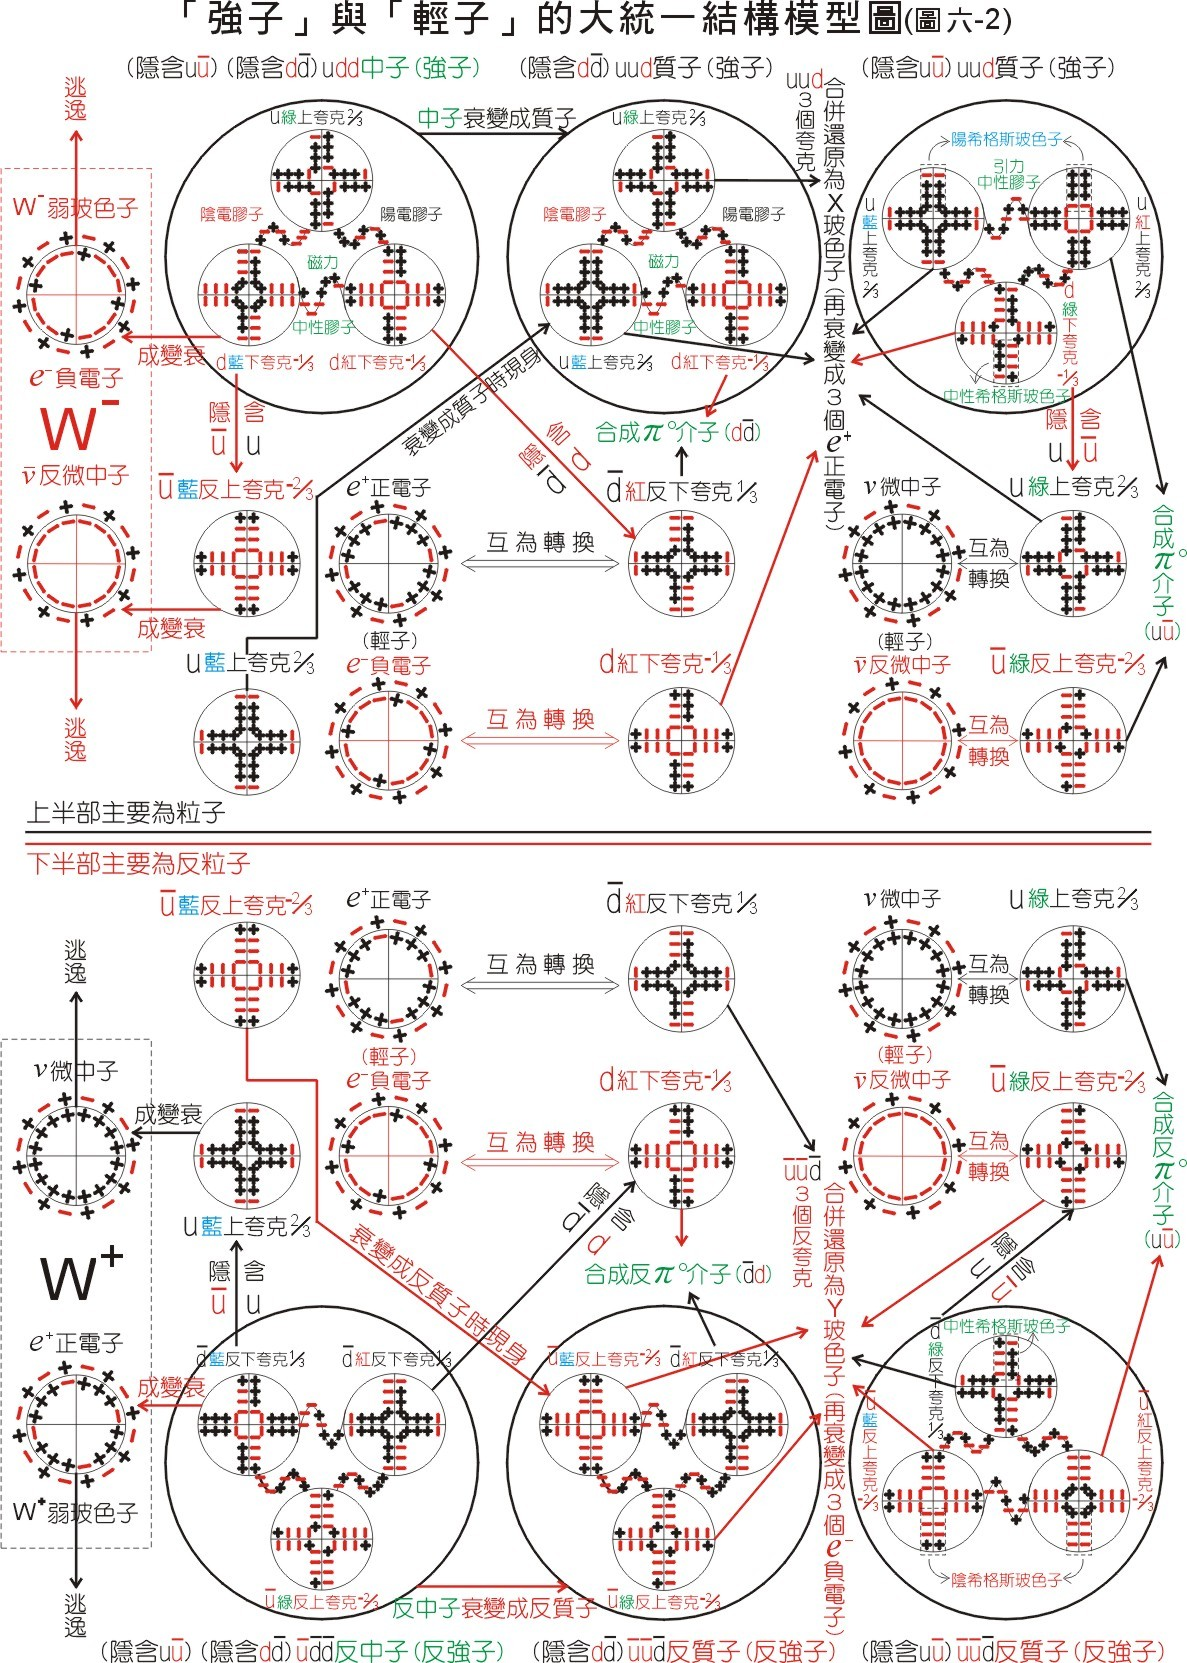 夸克与轻子的大统一(结构图)